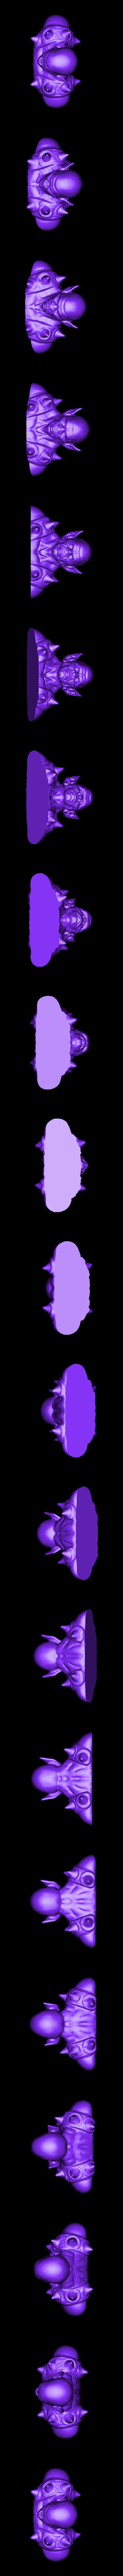 panthro_resculpted36mb.stl Télécharger fichier STL gratuit Panthro Resculpté (36mb) • Modèle à imprimer en 3D, Geoffro